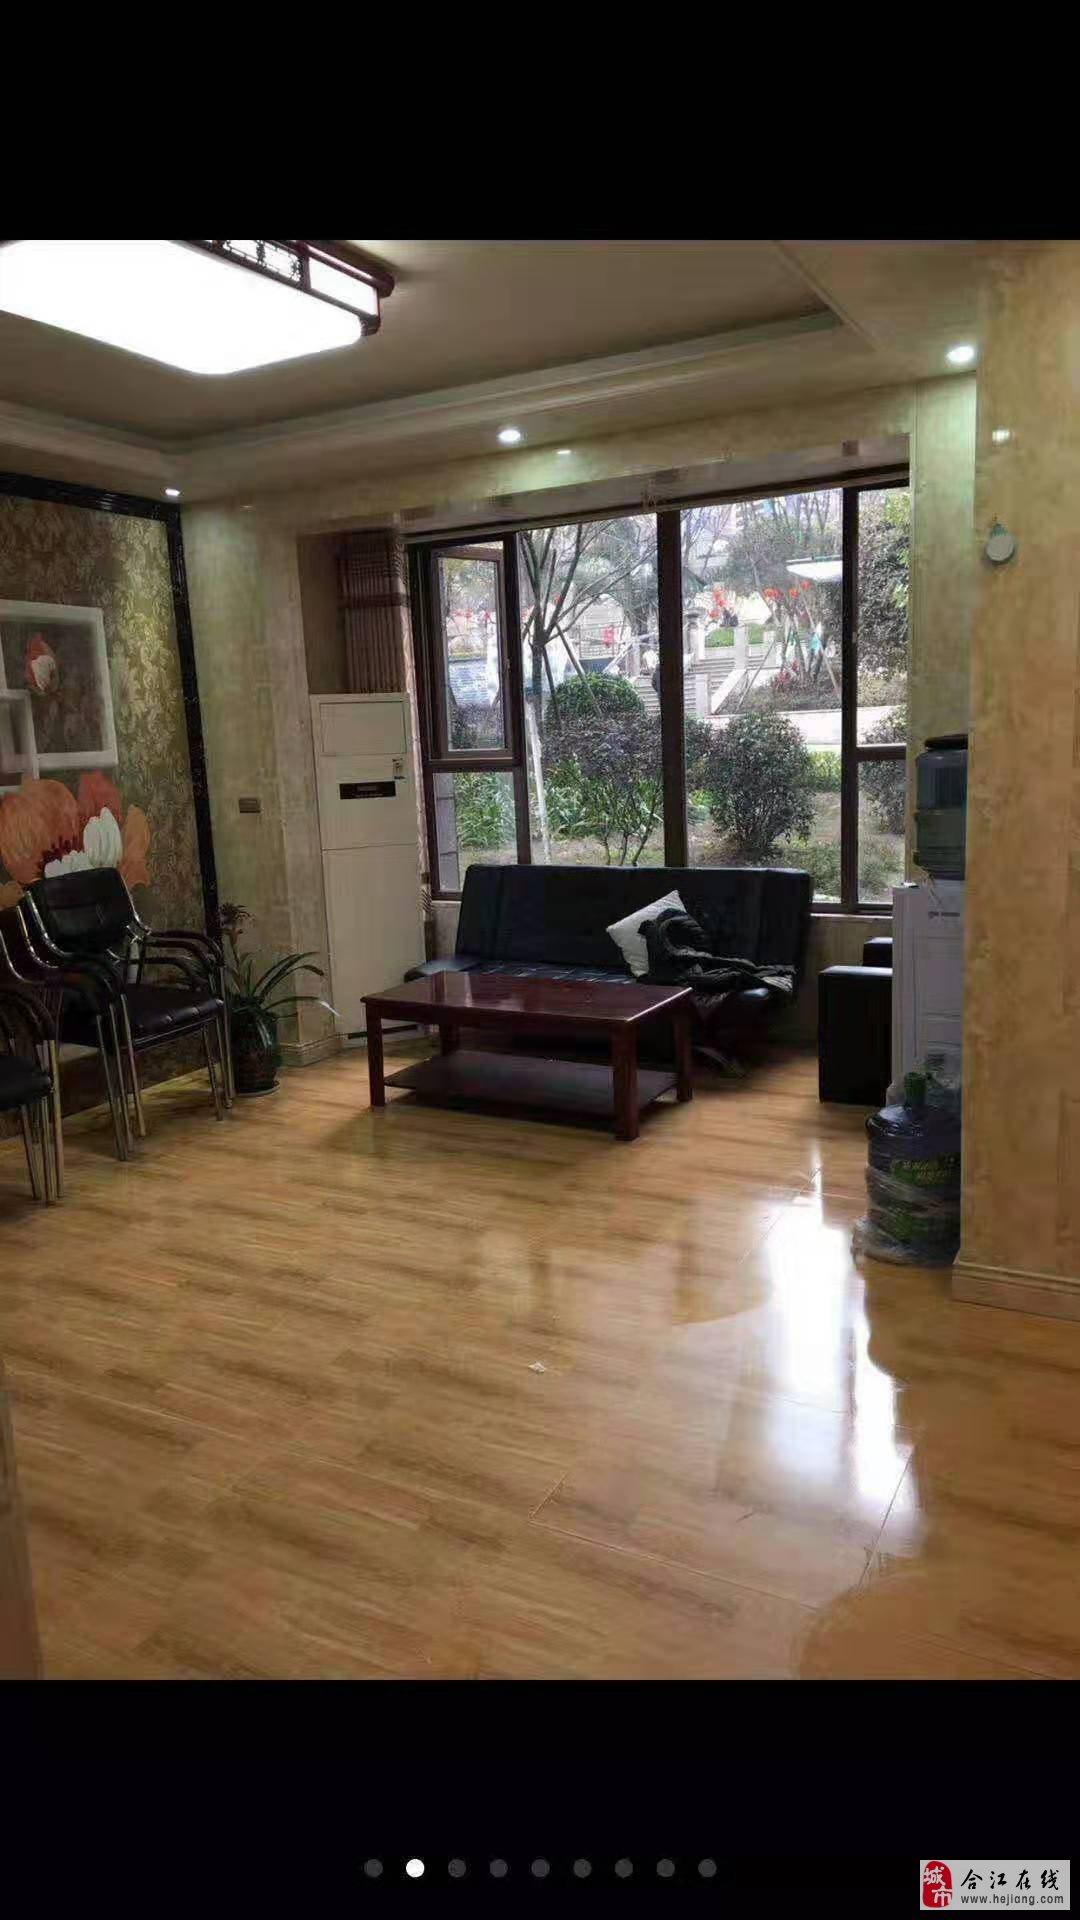 合江阳光·凯悦帝景4室2厅2卫69.8万元